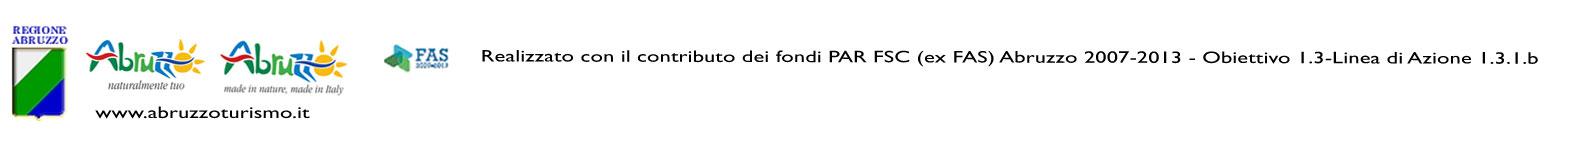 Realizzato con il contributo dei fondi PAR FSC (ex FAS) Abruzzo